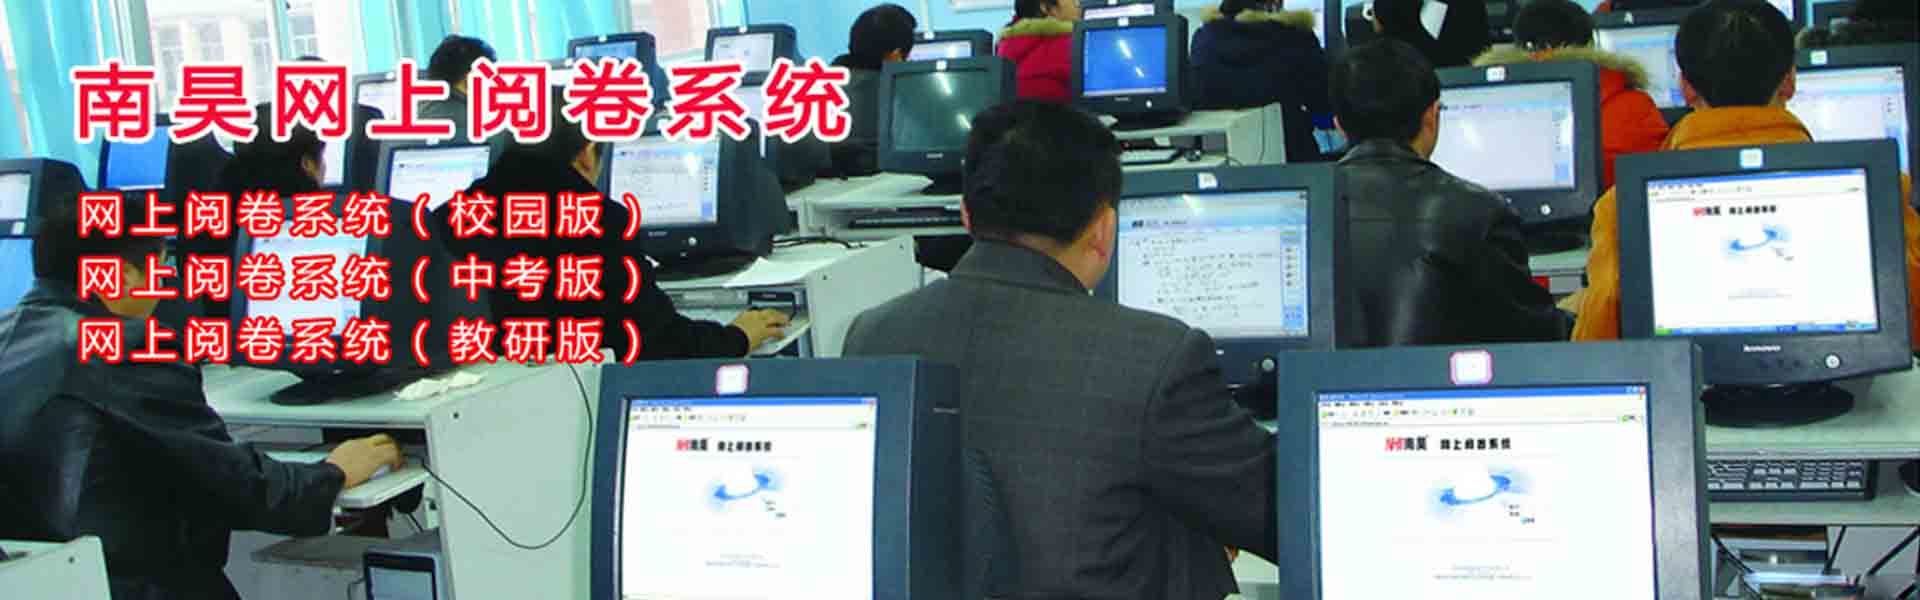 河北省南昊高新技术开发有限公司